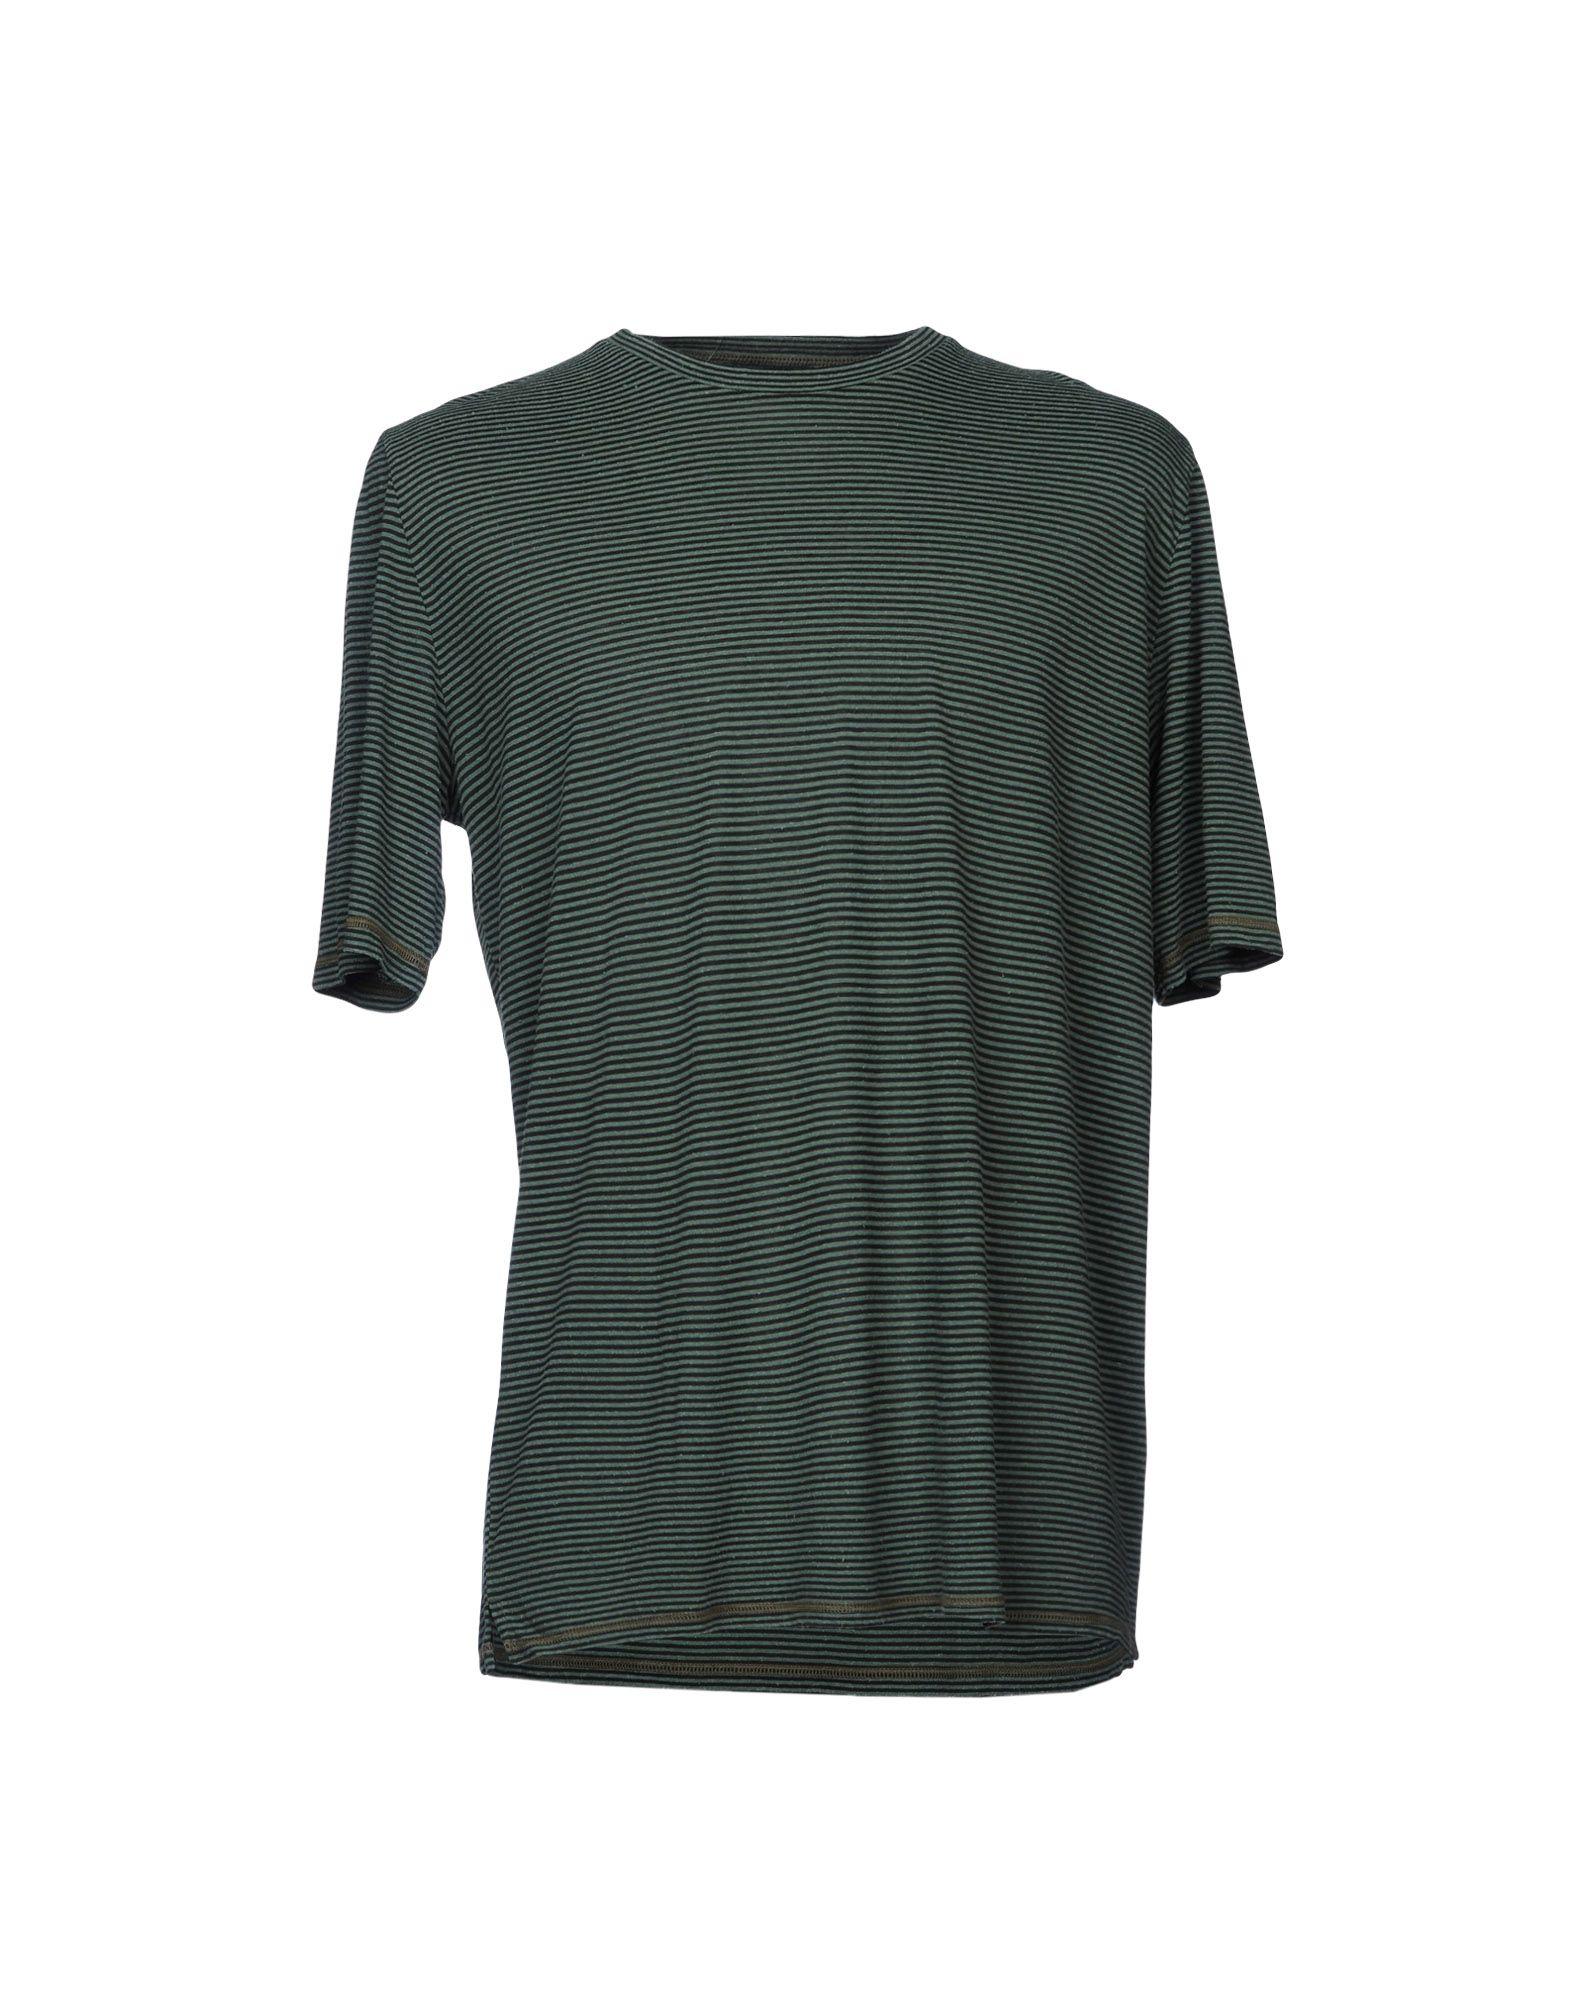 T-Shirt Roberto Uomo Collina Uomo Roberto - 12126592WL 7f93cb